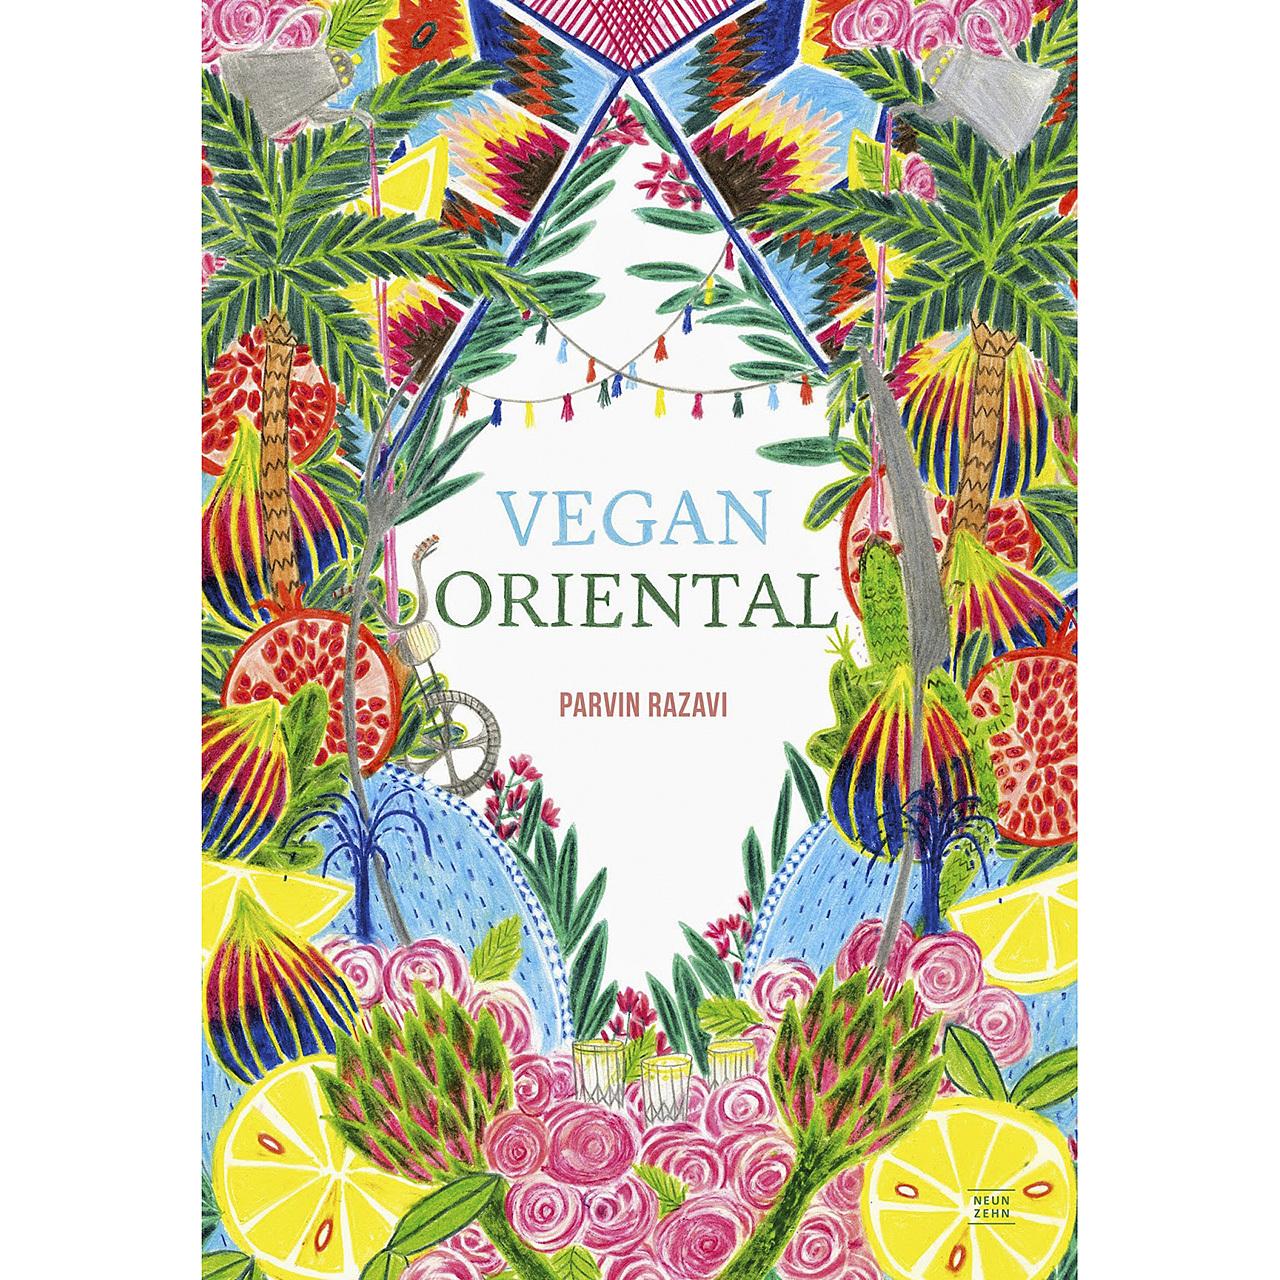 Neun Zehn Verlag 'Vegan Oriental' Kochbuch 01